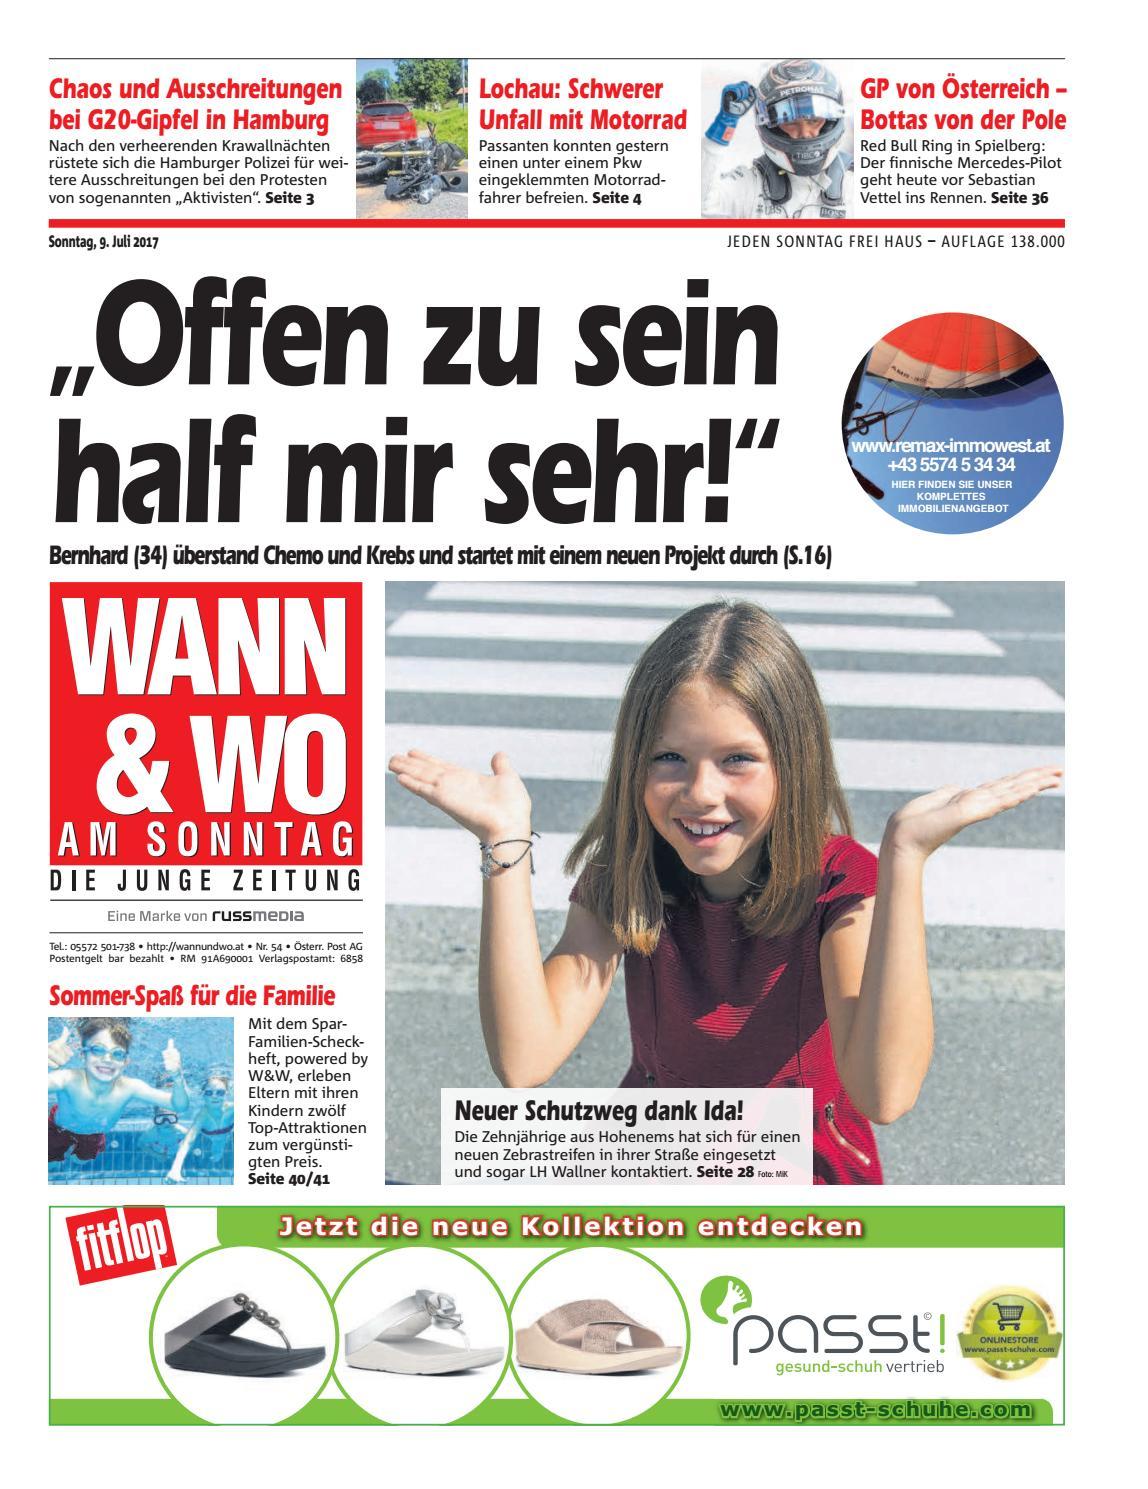 Weibliche singles in wieselburg-land - Meine stadt